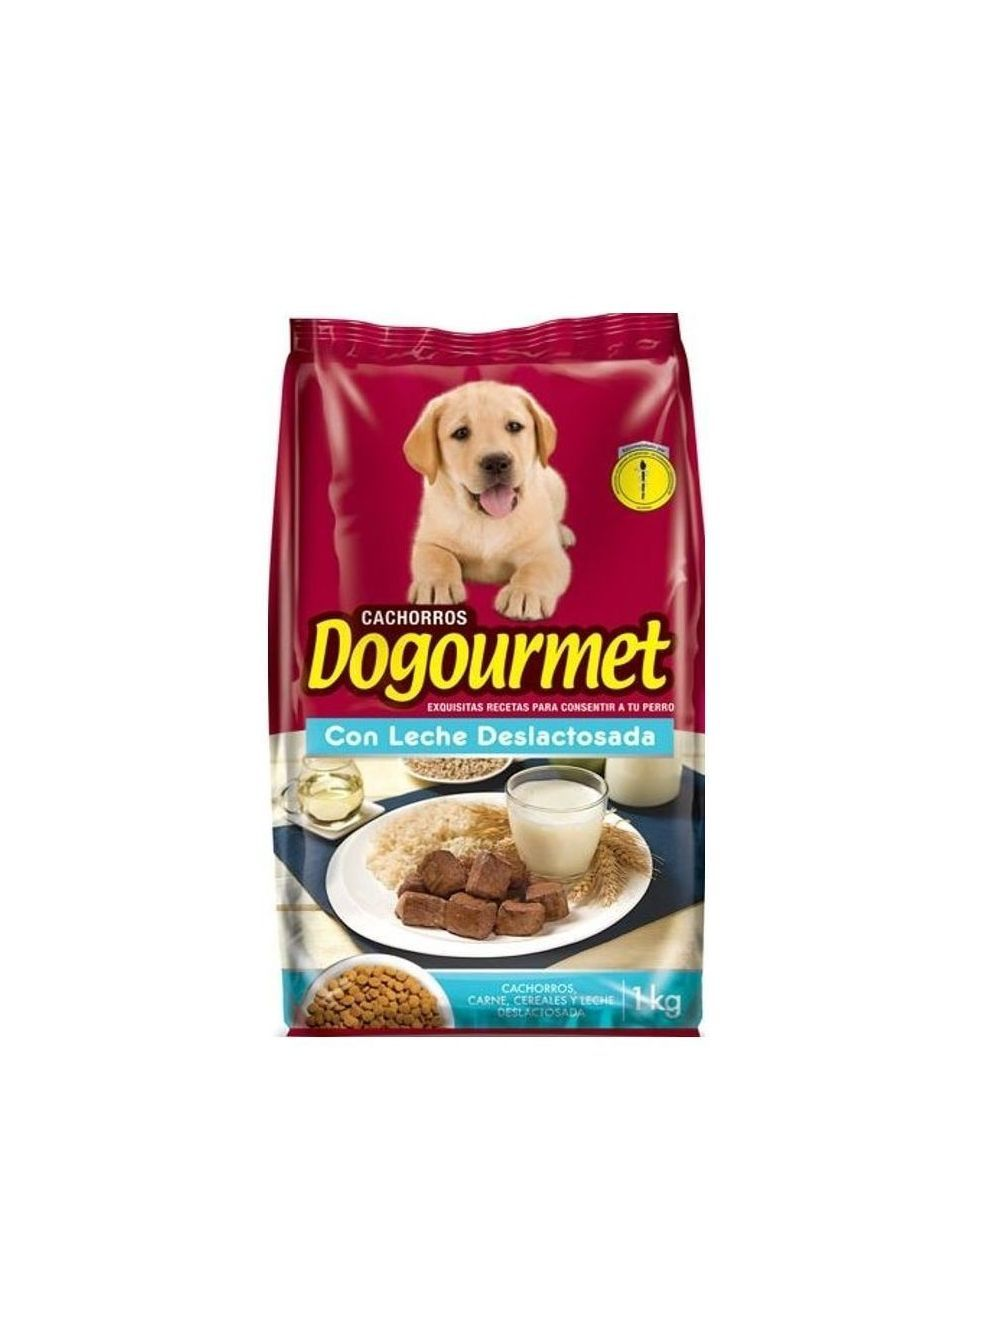 Comida Dogourmet Cachorro Leche Deslactosada - Ciudaddemascotas.com